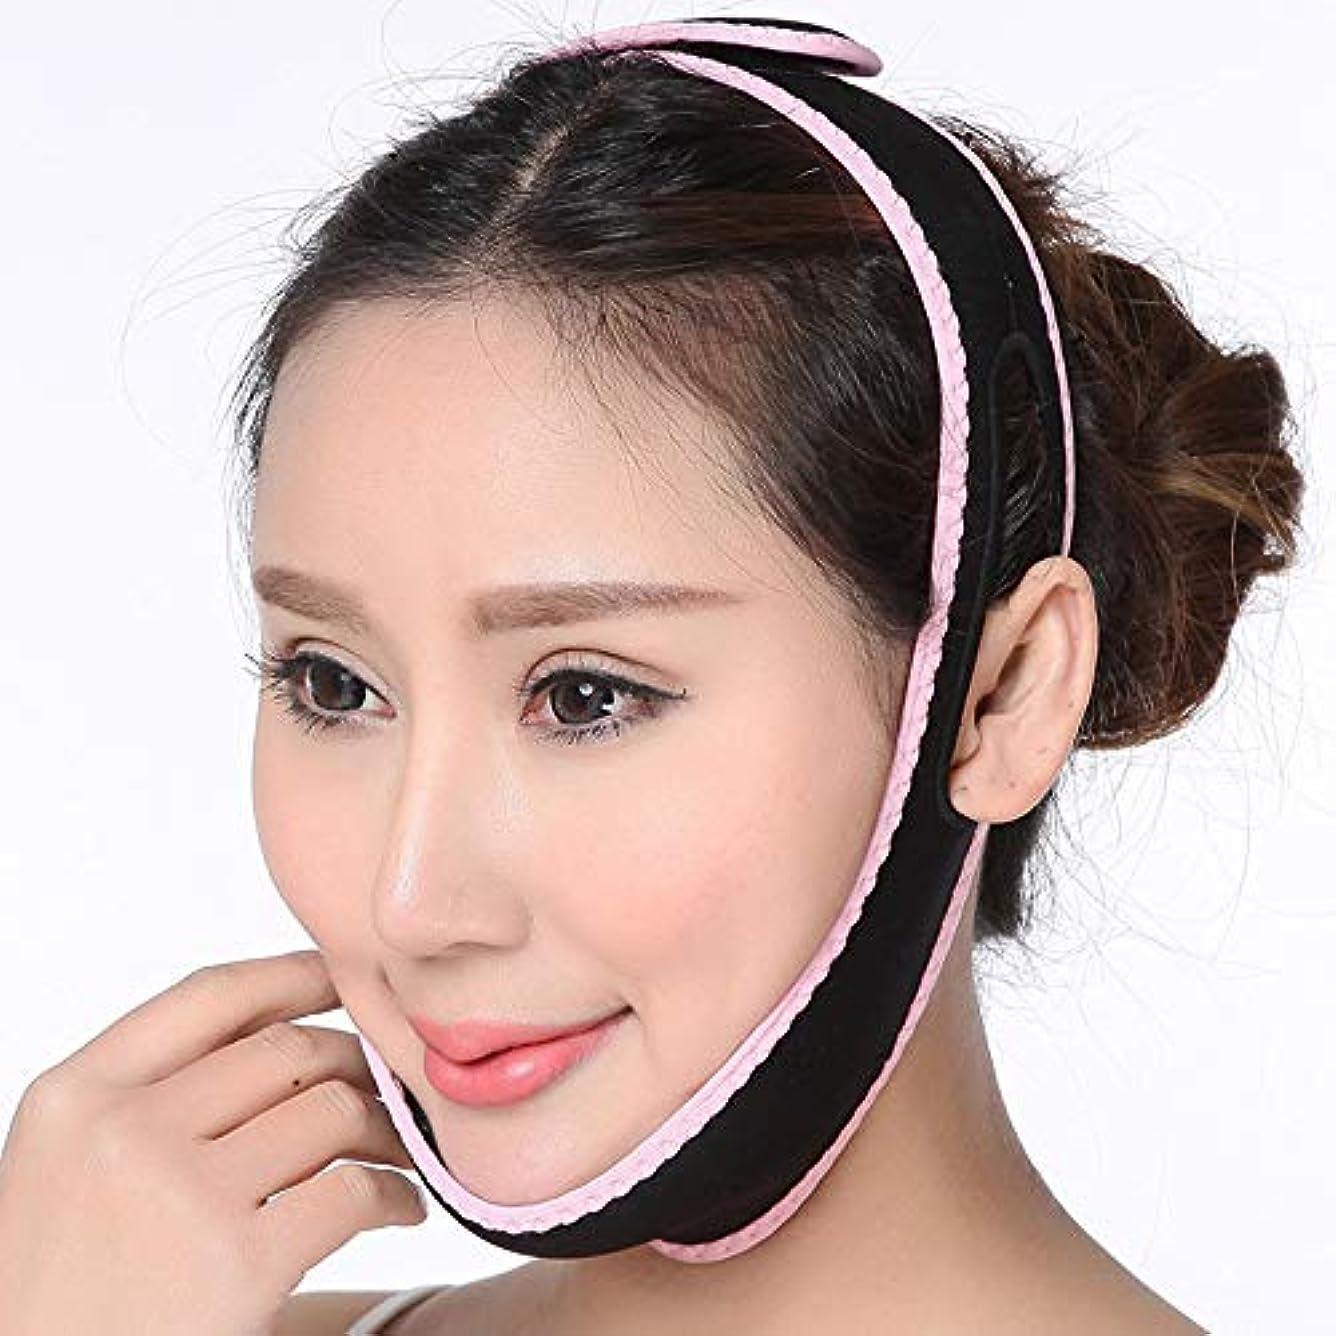 洗練された溢れんばかりの性格顔面持ち上げ器具、vフェイス、顔持ち上げ包帯、ハーフパッケージマスク、持ち上げと締め付け、ユニセックス